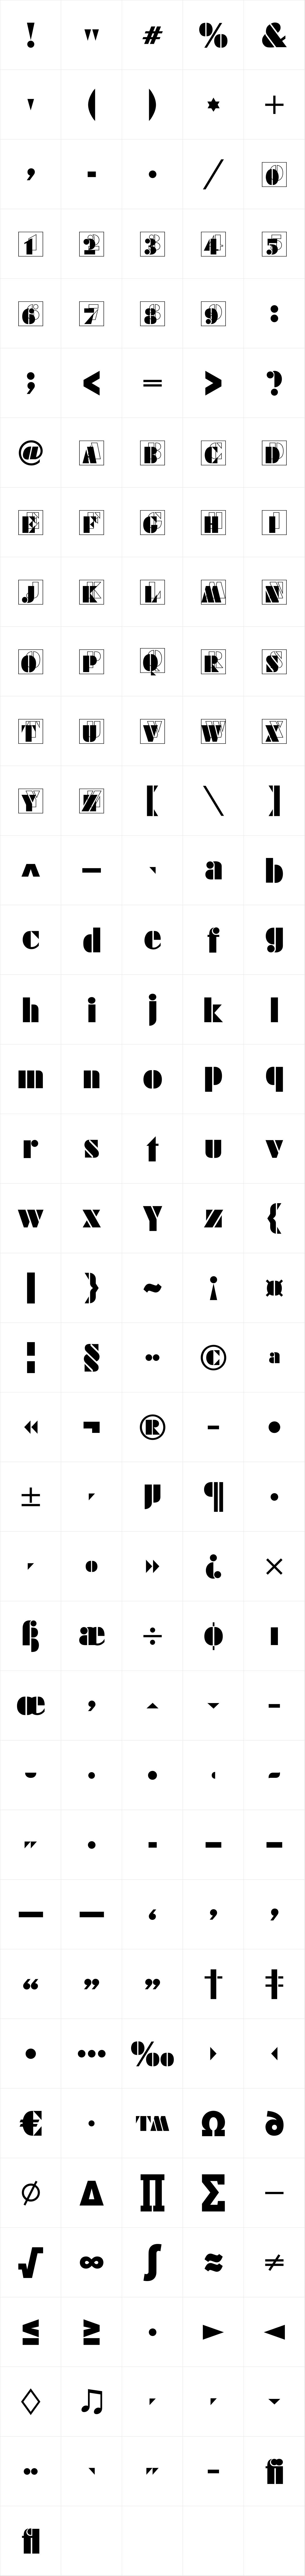 Futura Black Initials D